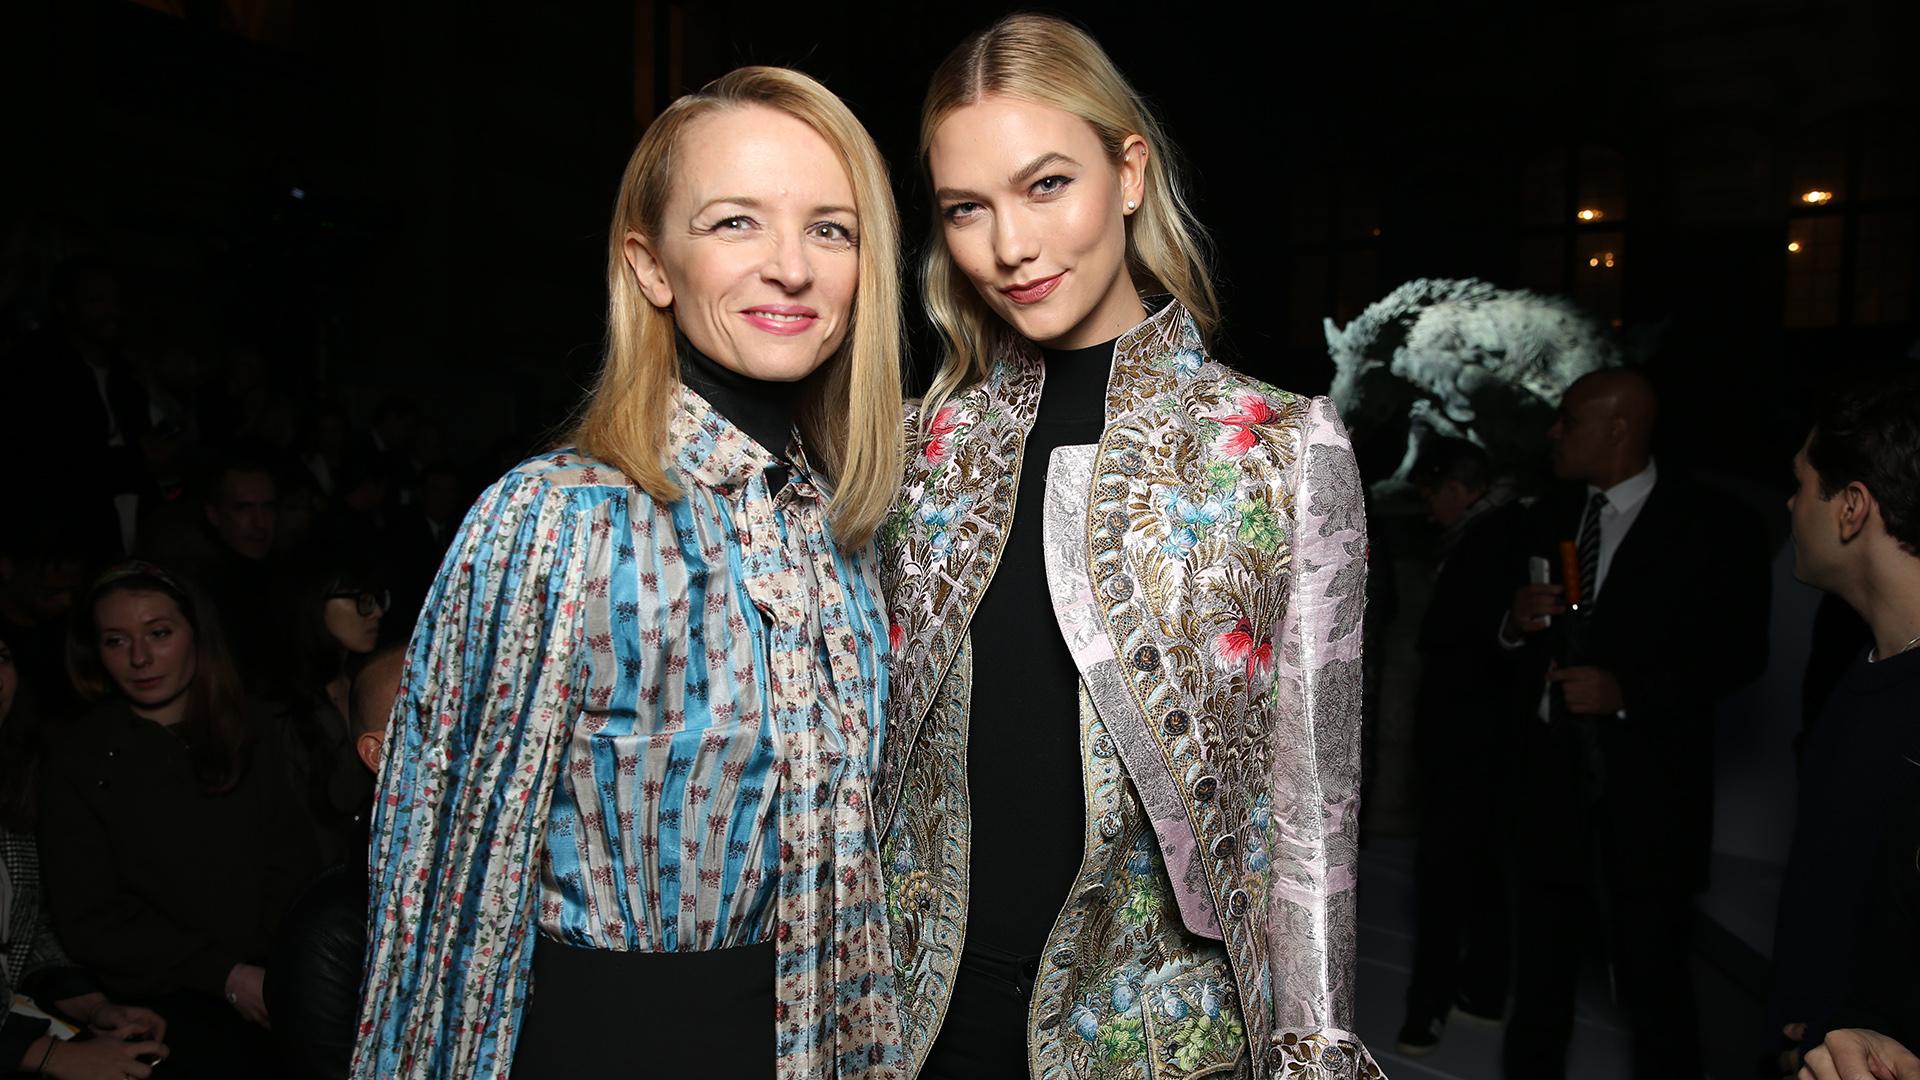 La directora empresarial de Louis Vuitton, Delphine Arnault y la modelo Karlie Kloss siguiendo de cerca la presentación de la firma